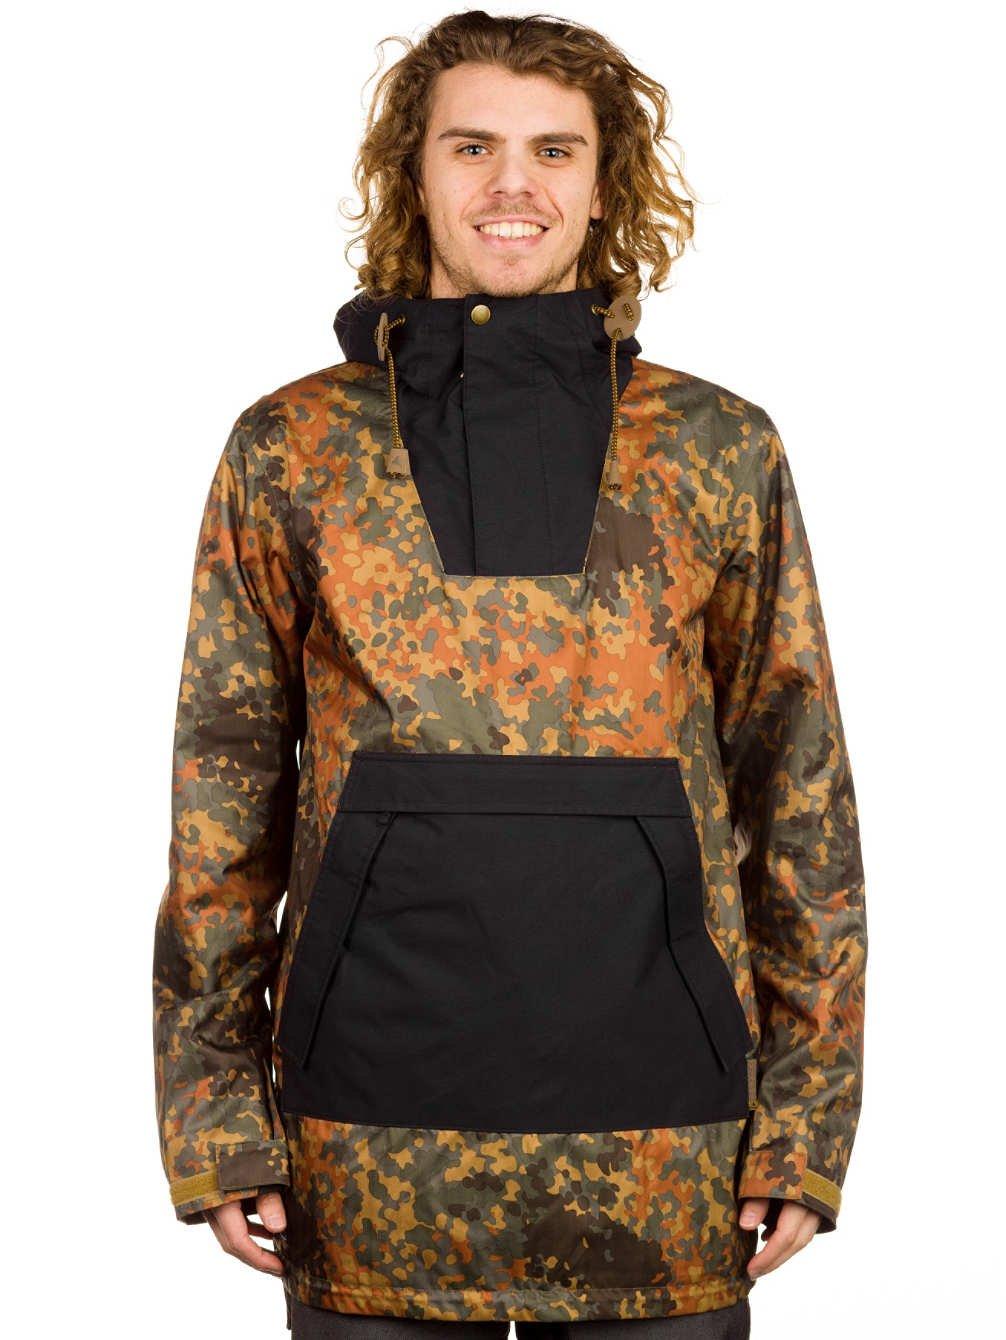 Herren Snowboard Jacke Burton Restricted Salt Shaker Jacket online kaufen